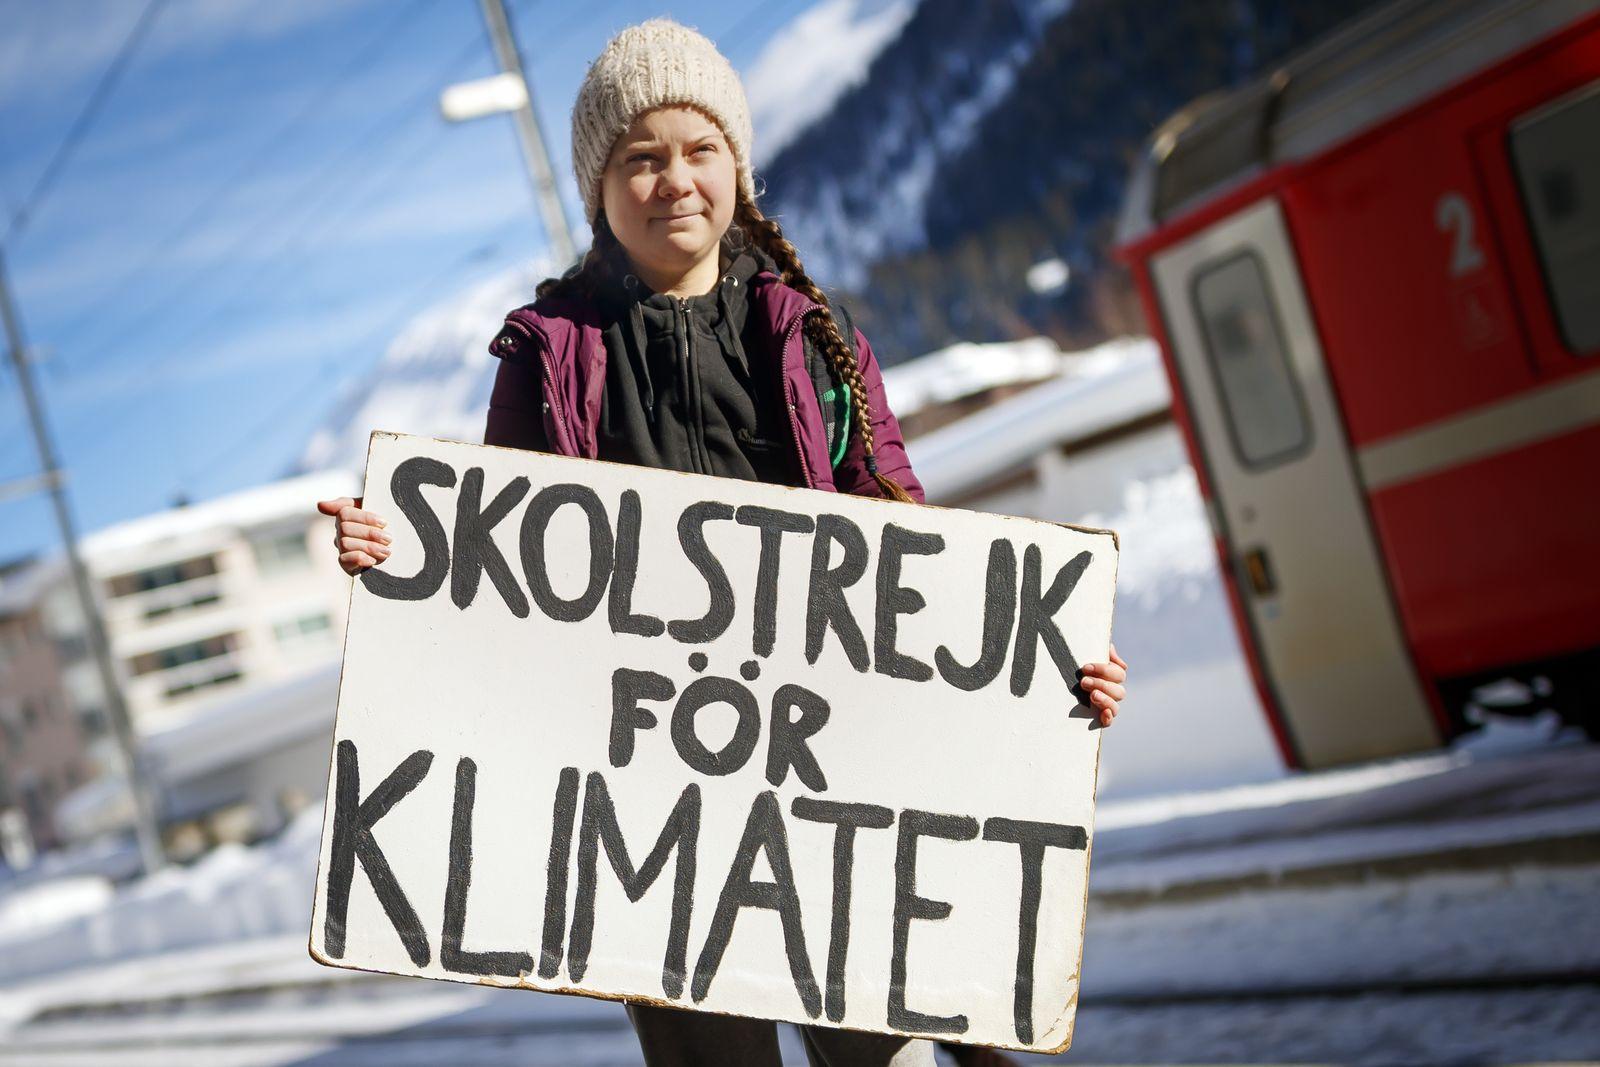 65 Stunden Fahrzeit: Klimaaktivistin reist mit dem Zug nach Davos